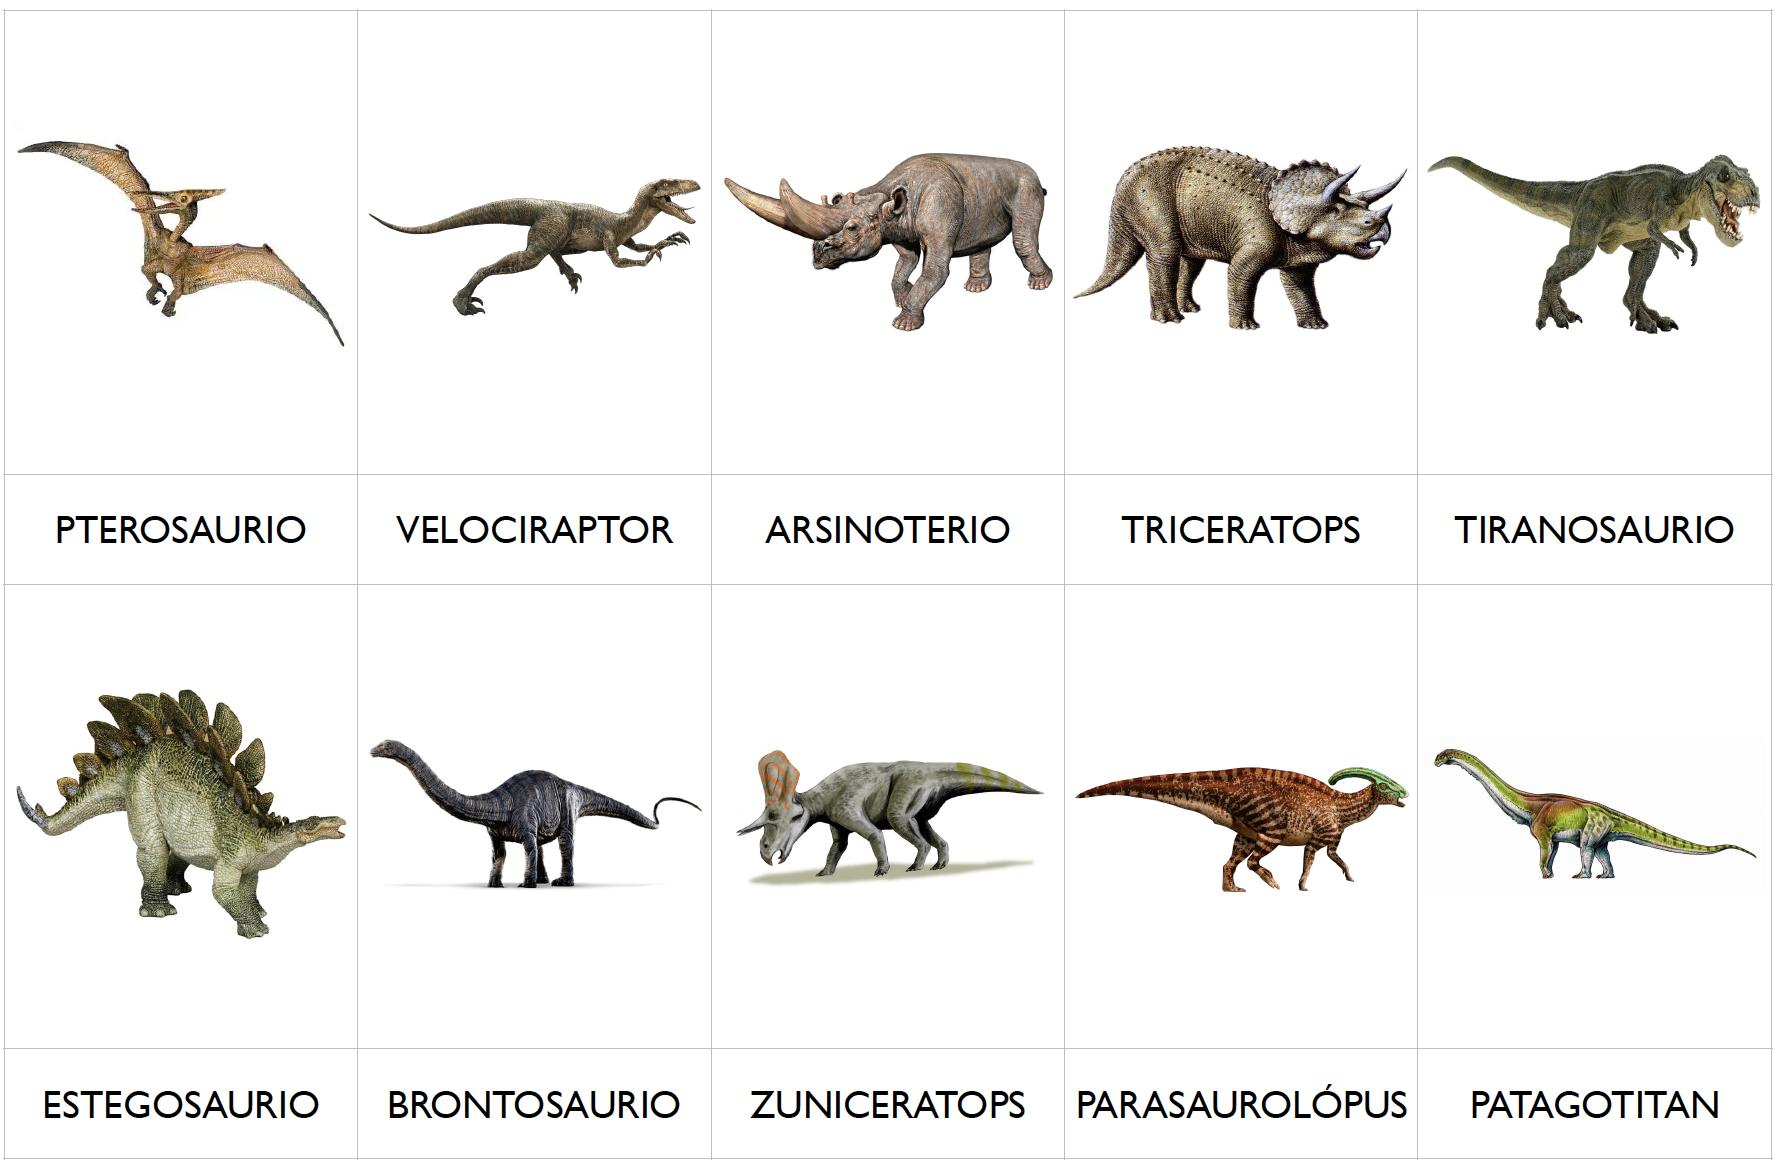 Tarjetas Montessori De 3 Partes Clasificacion Comun Dinosaurios Para Imprimir Montessoris Arte 'lagartos terribles') son un grupo de saurópsidos que aparecieron durante el período triásico. tarjetas montessori de 3 partes